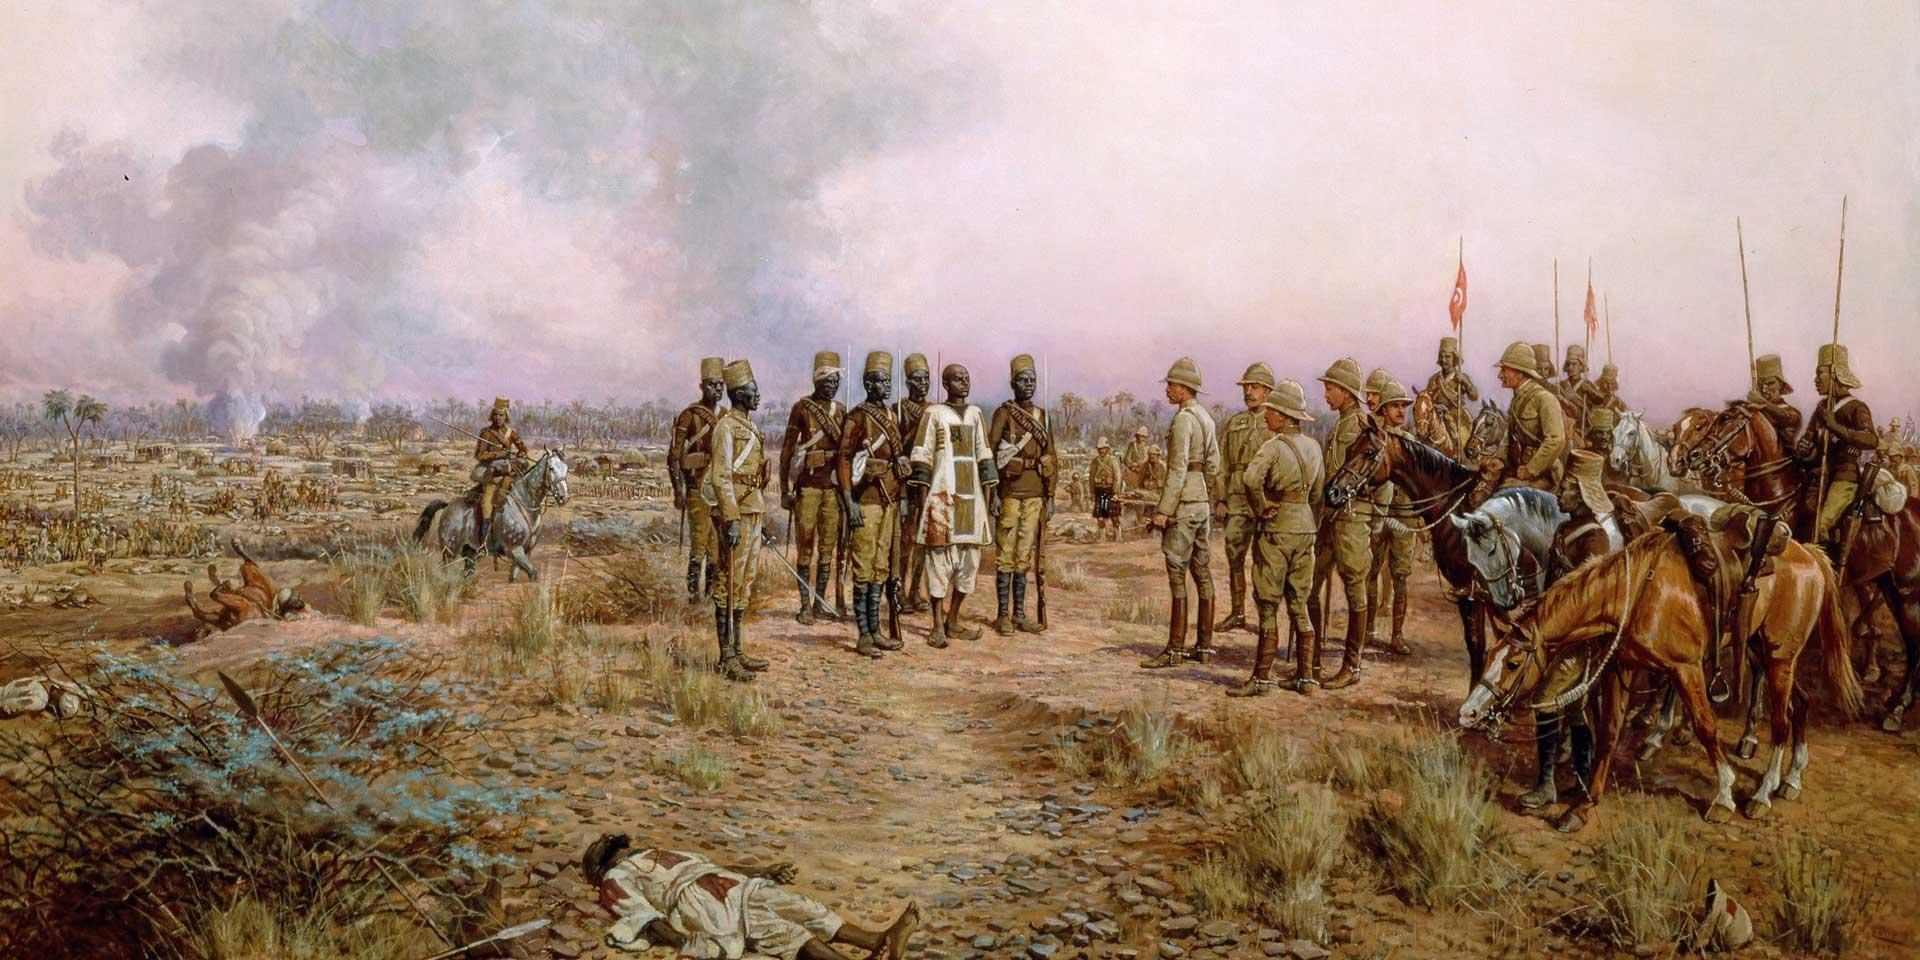 Major-General Herbert Kitchener meets the Emir Mahmud after defeating him at Atbara, April 1898